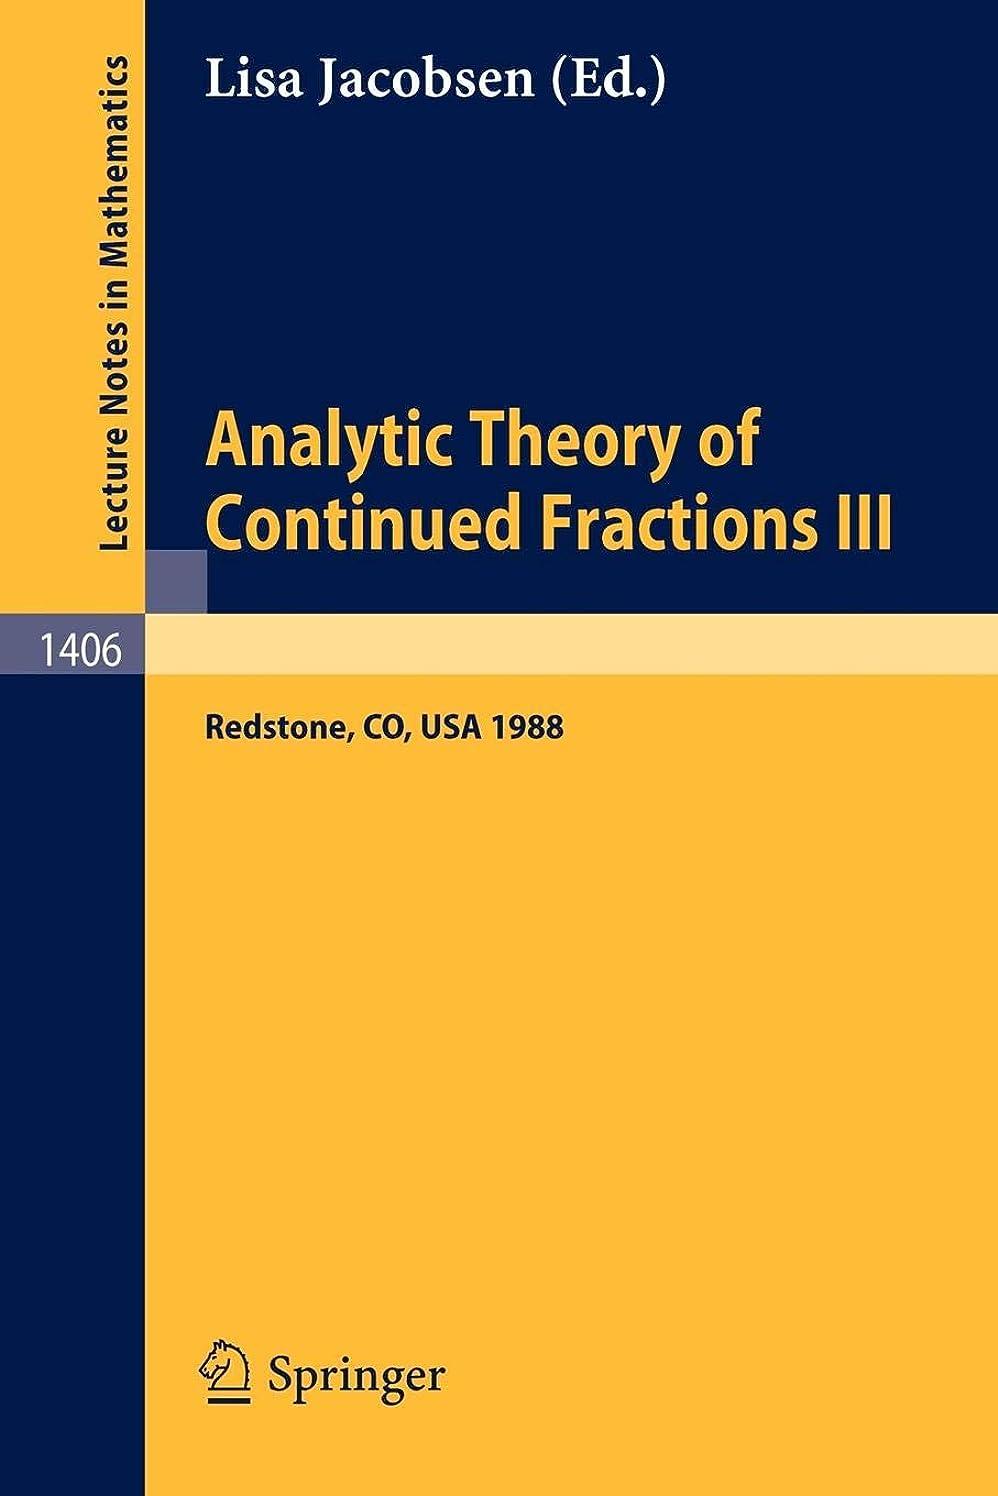 医療の荷物促すAnalytic Theory of Continued Fractions III: Proceedings of a Seminar-Workshop, held in Redstone, USA, June 26 - July 5, 1988 (Lecture Notes in Mathematics)